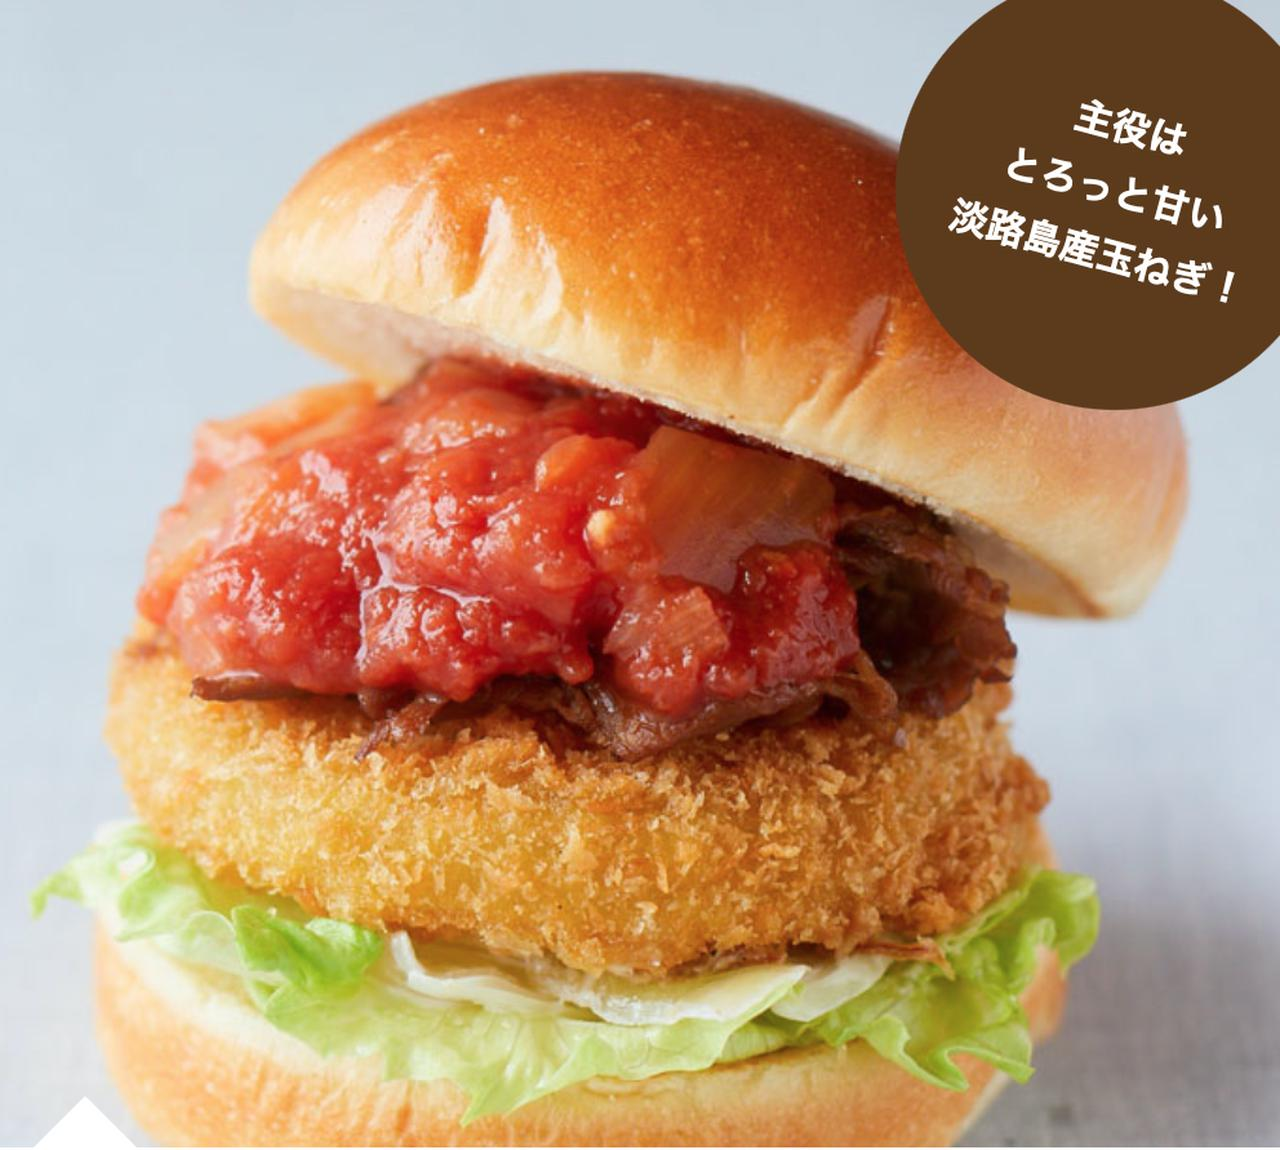 画像: あわじ島オニオンビーフバーガー eki.uzunokuni.com